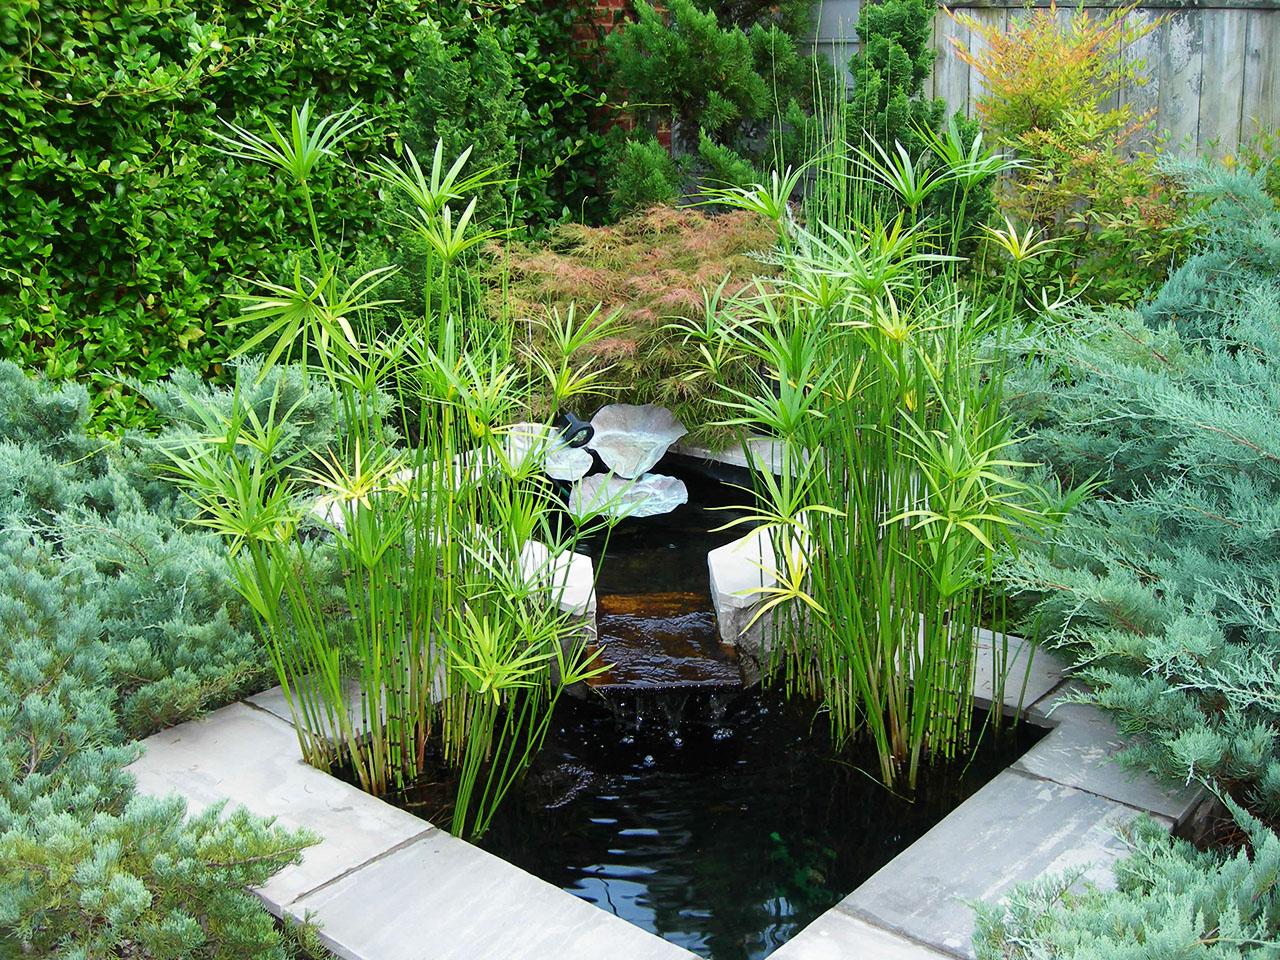 Muretti giardino muretti e muretto in mattoni di tufo - Muretti in pietra giardino ...